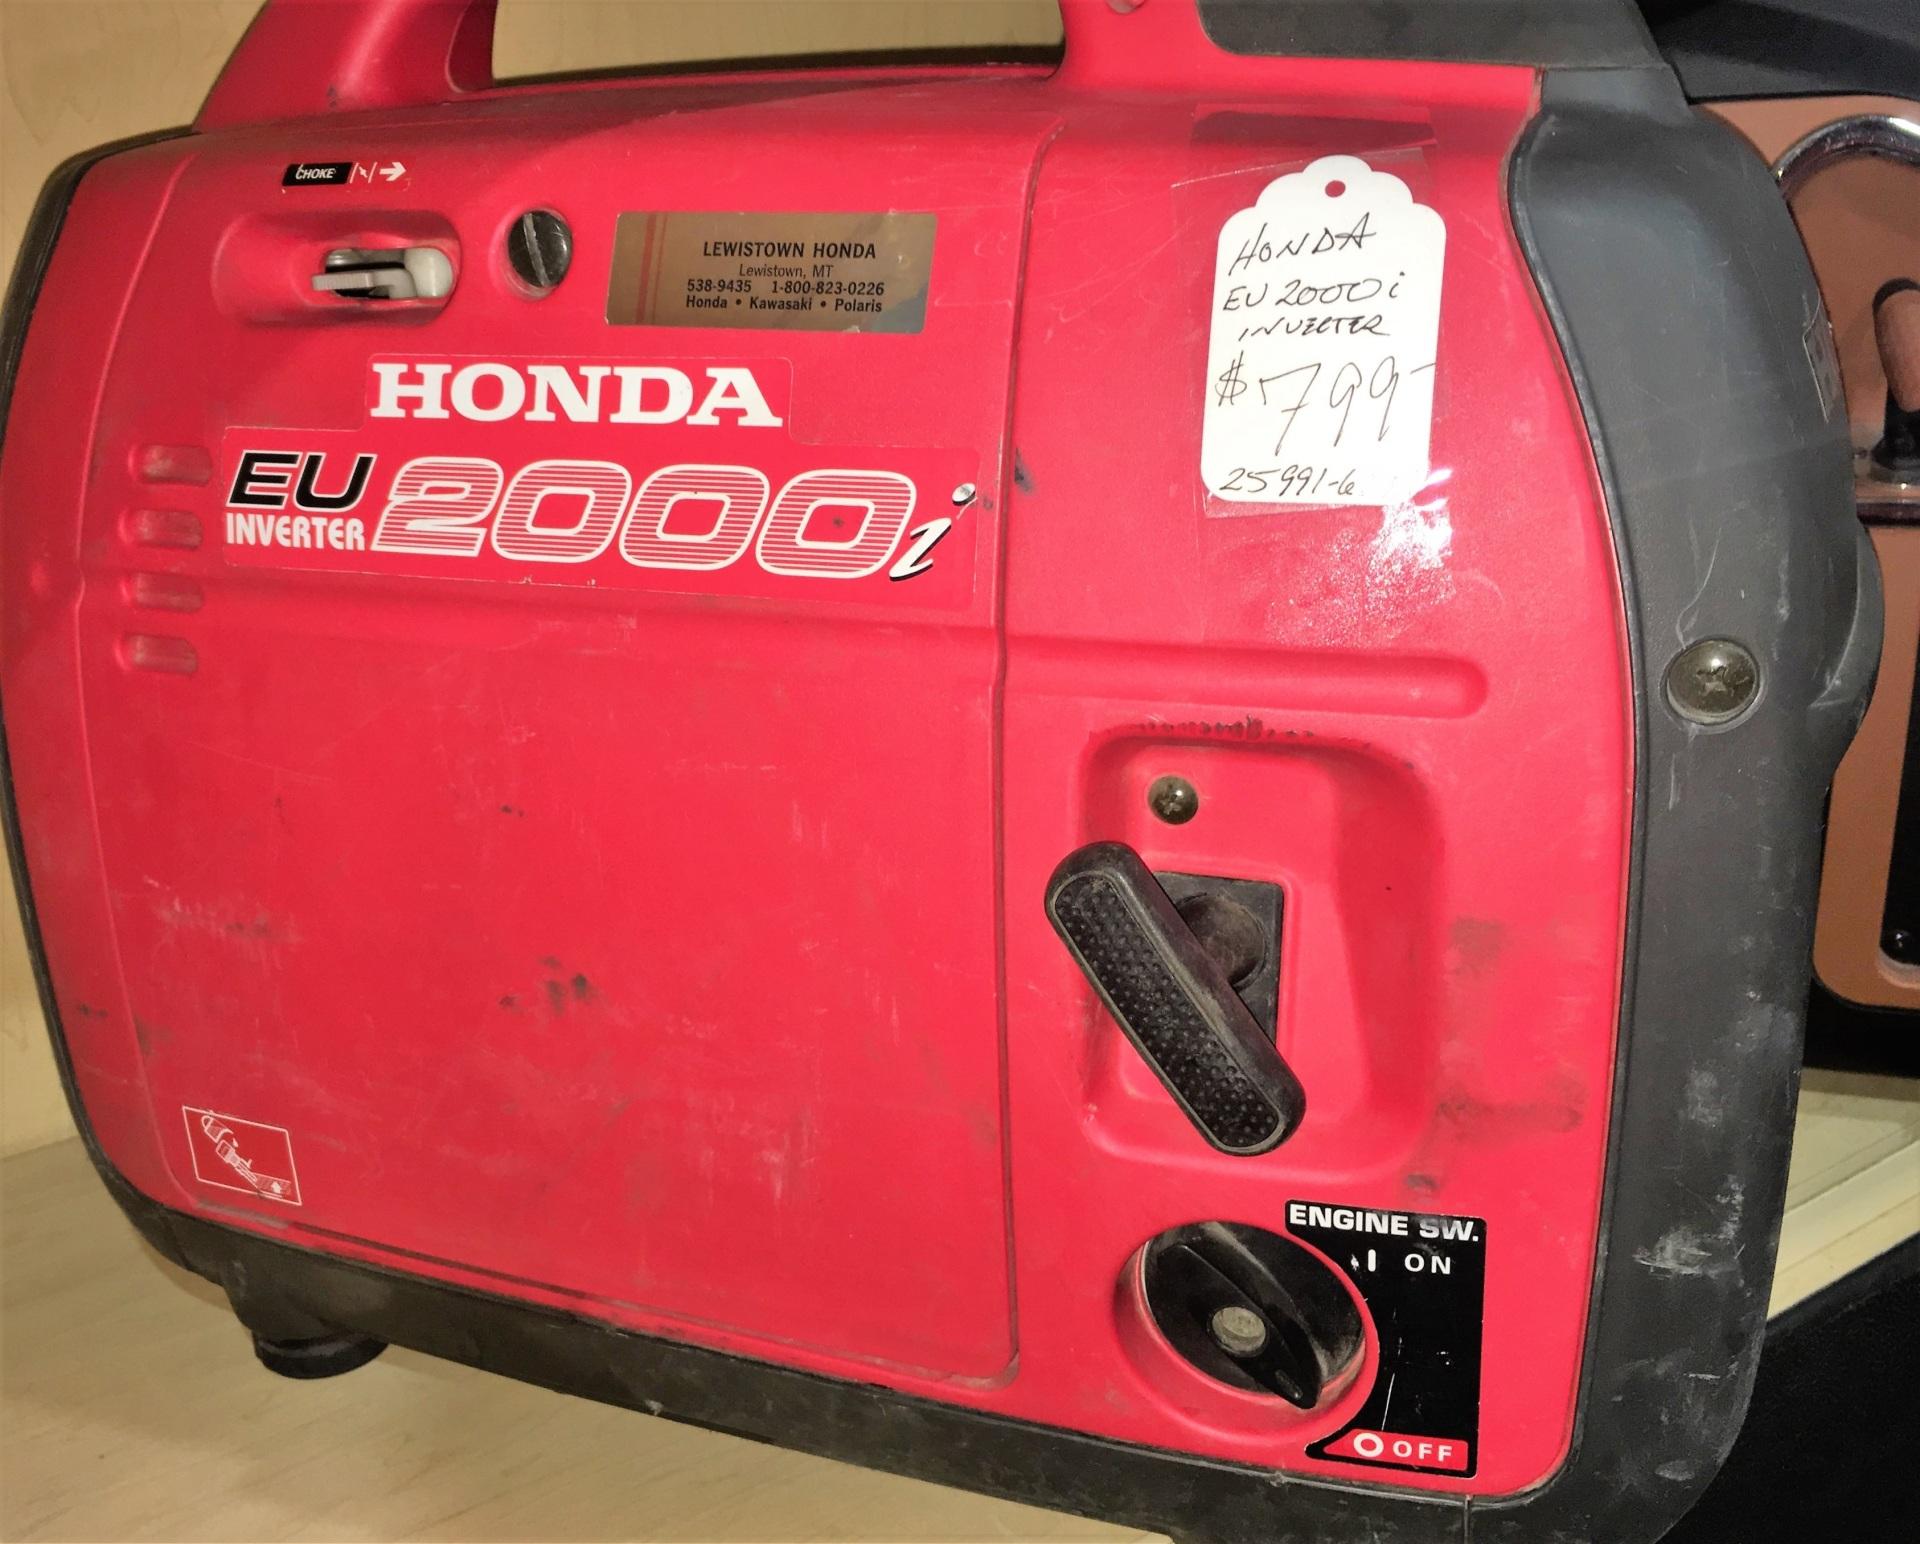 Honda e2000i